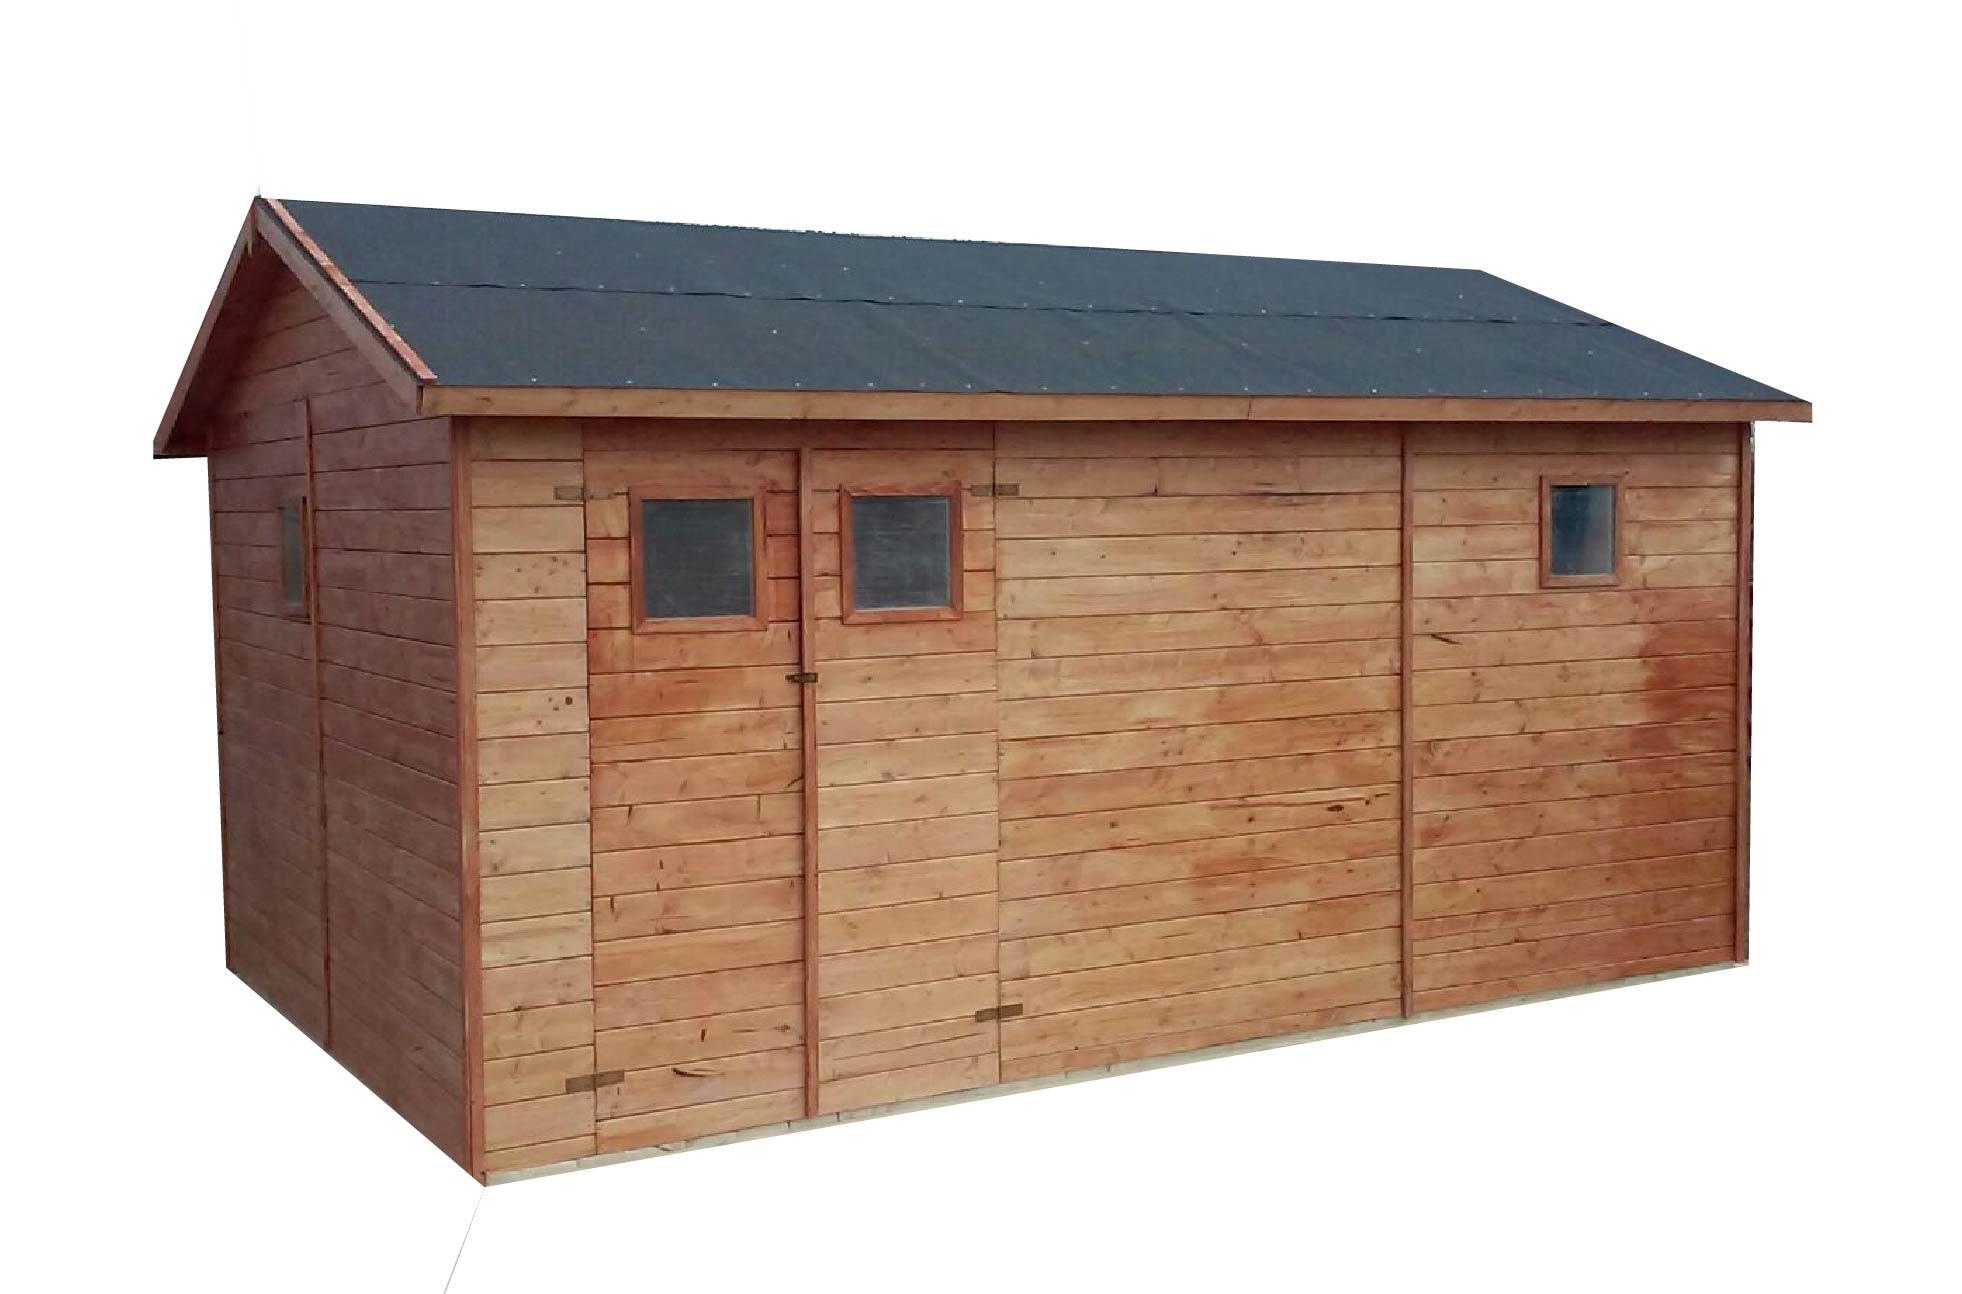 gartenh user bis 20 m2 gartenhaus aus holz 3 3m x 4 8m 19mm mit fenstern gandia. Black Bedroom Furniture Sets. Home Design Ideas